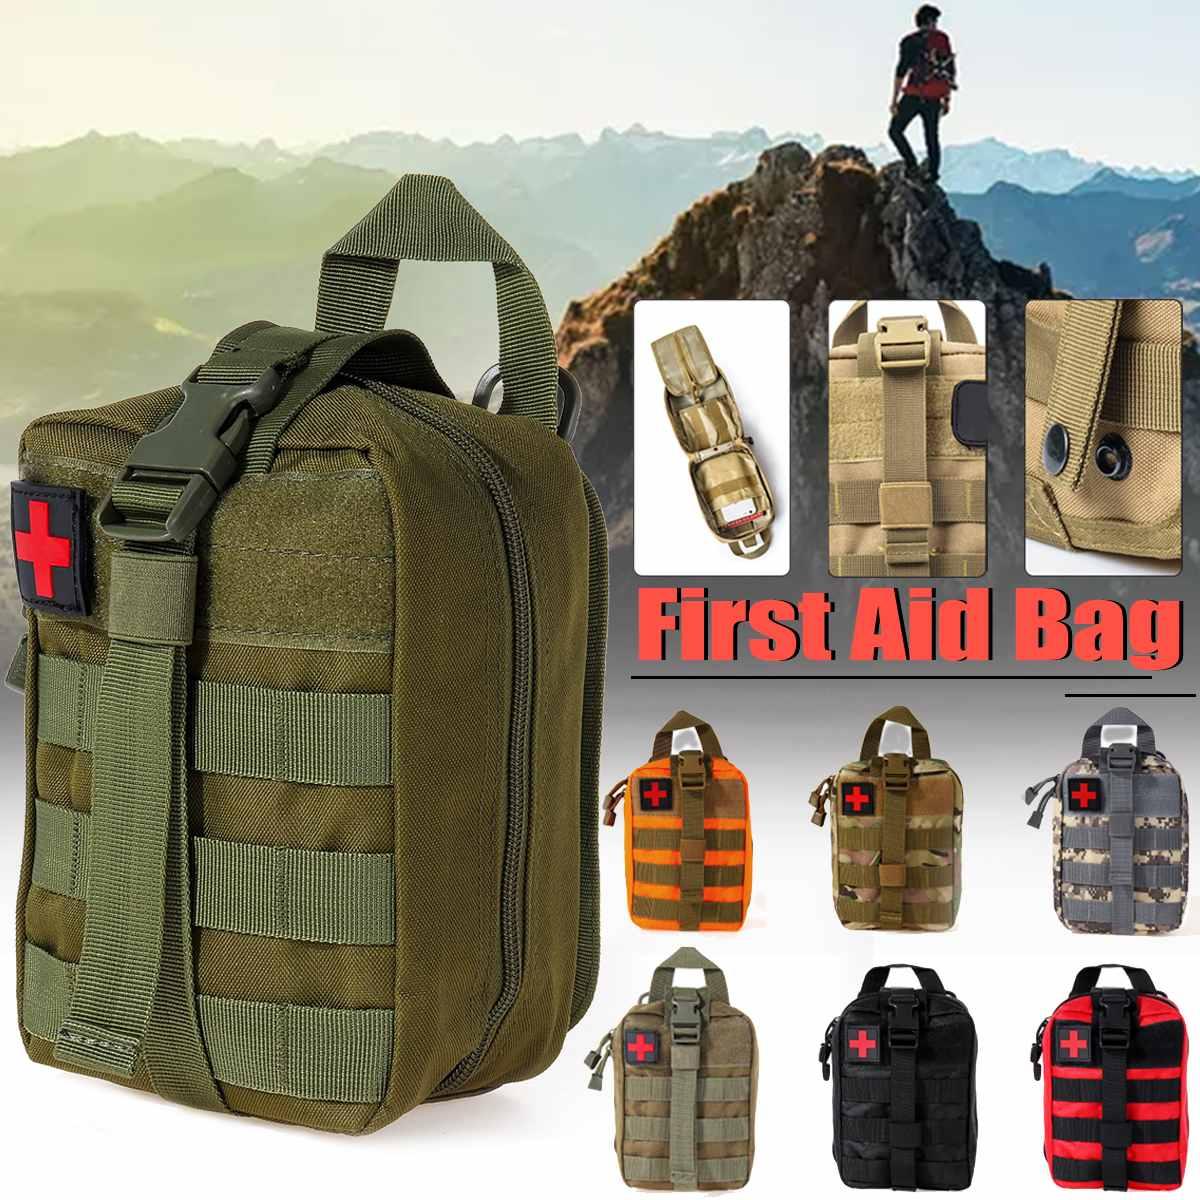 Sac de premiers secours Camping poche médicale tactique EMT Kit de survie d'urgence chasse boîte extérieure grande taille 600D Nylon sac paquet